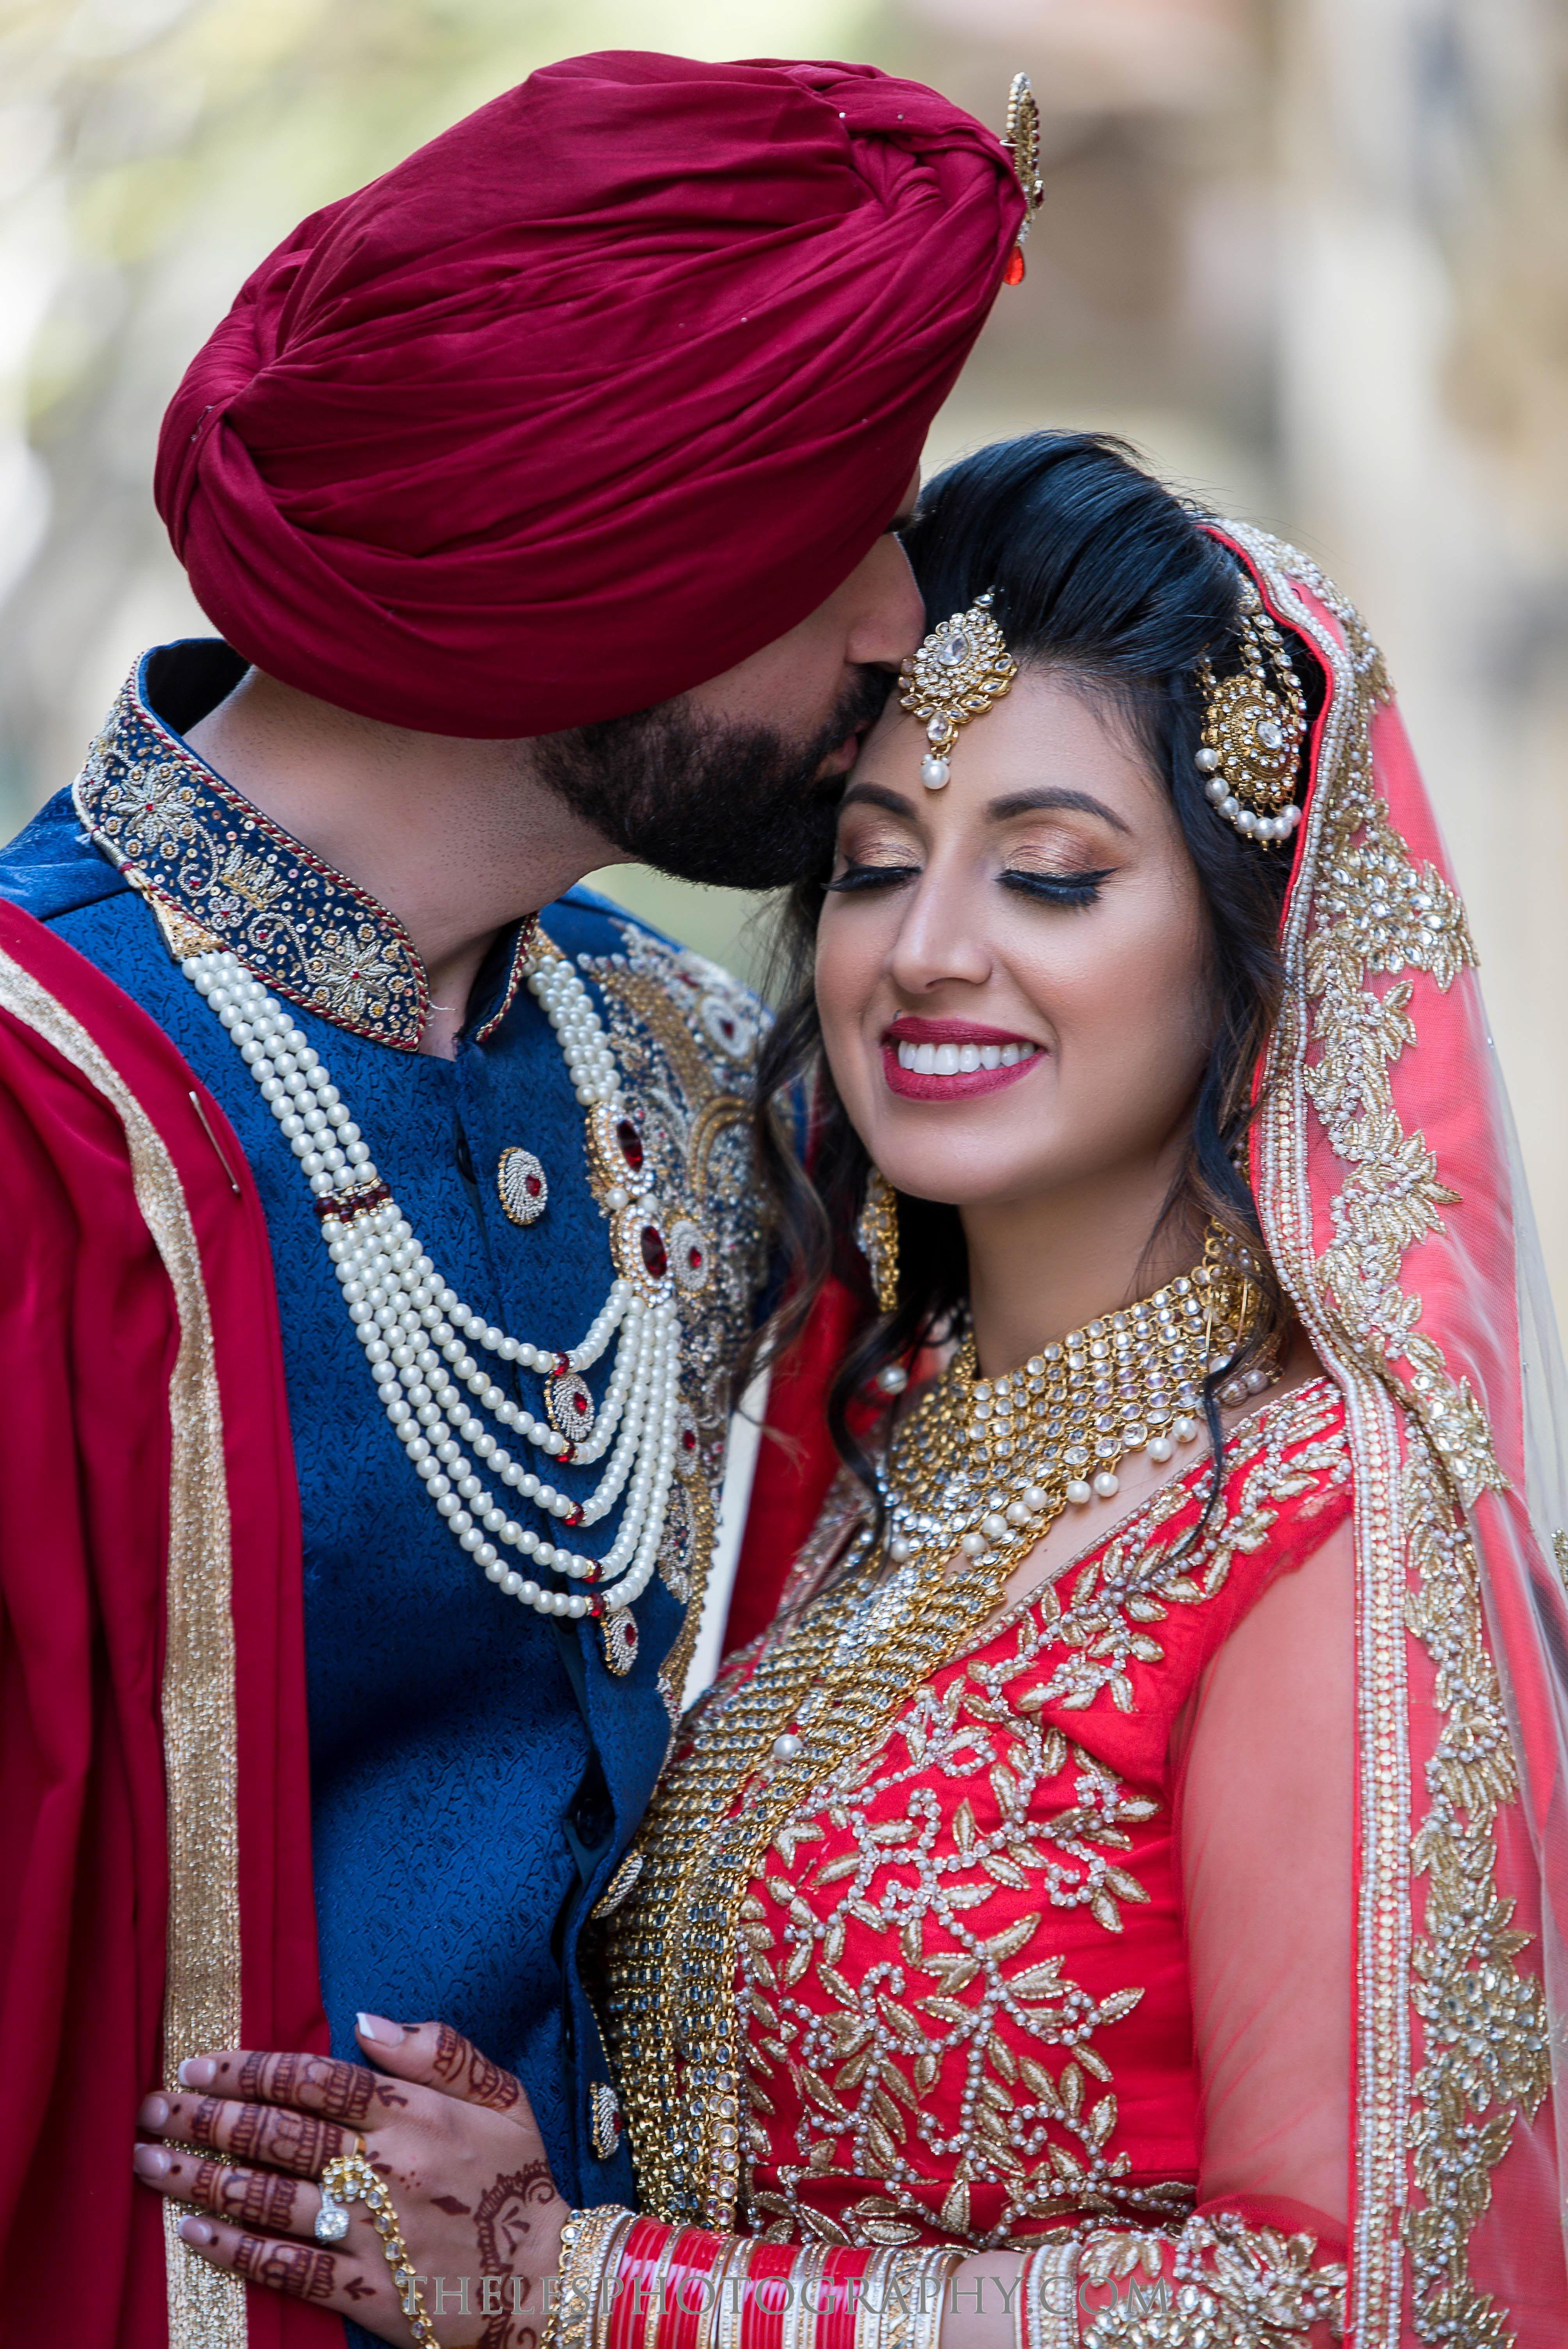 The Les Photography - Punjabi Wedding - Sikh Indian Wedding - Dallas Wedding Photographer 41